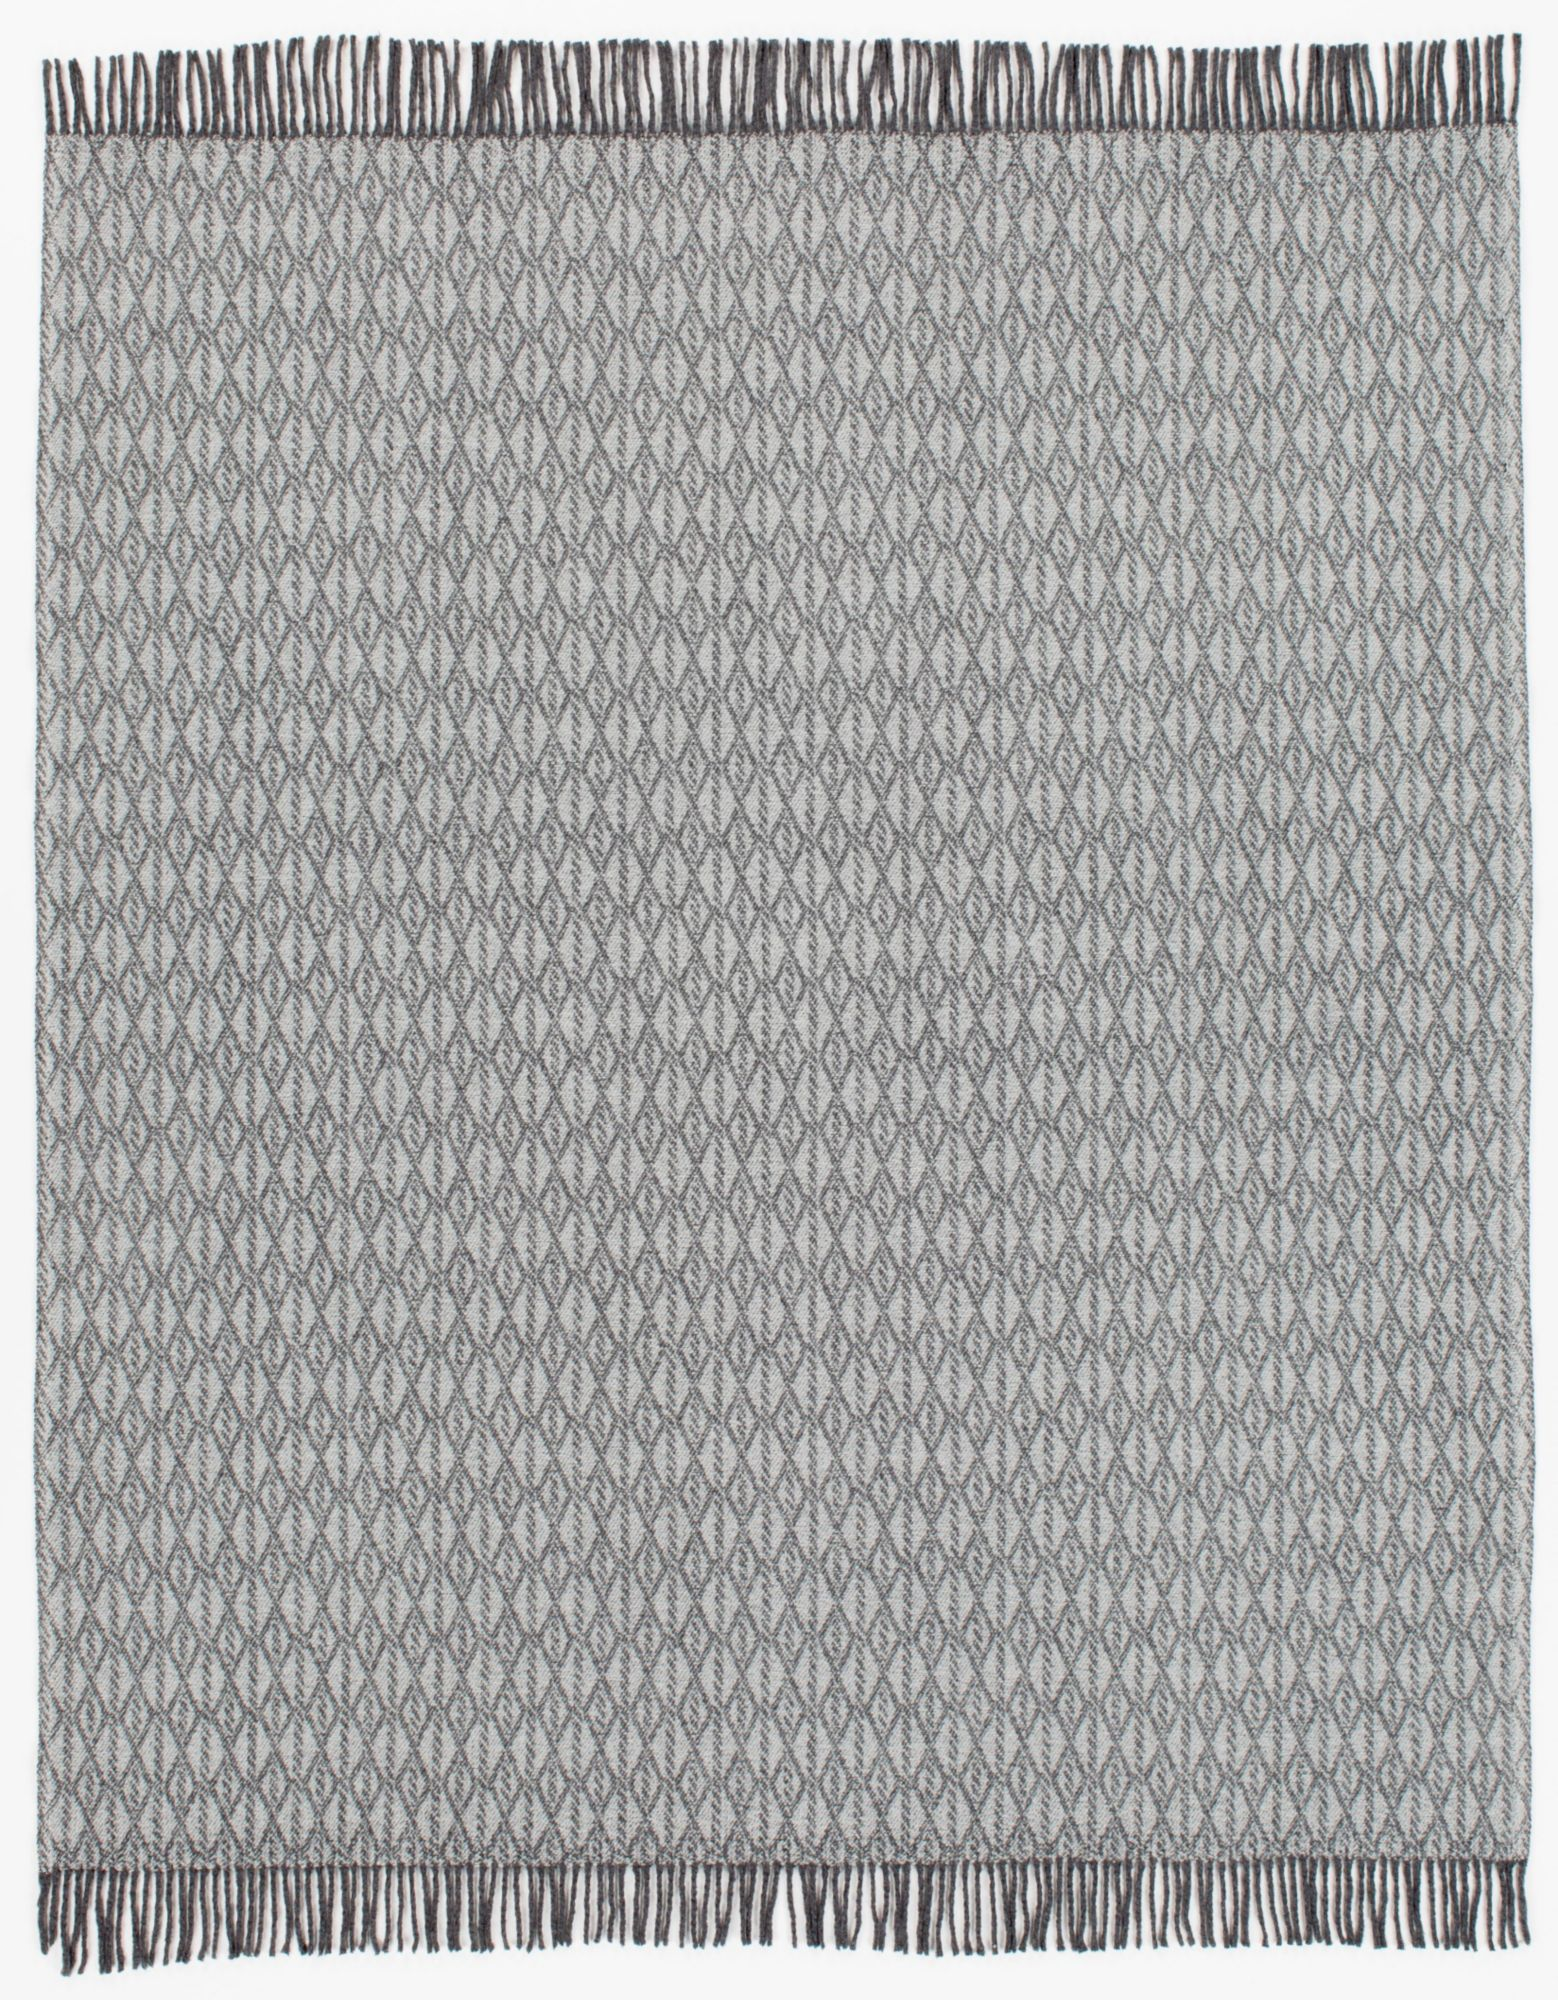 HAGEMANN Wohndecke, Hagemann, »Glasgow«, mit schickem Muster